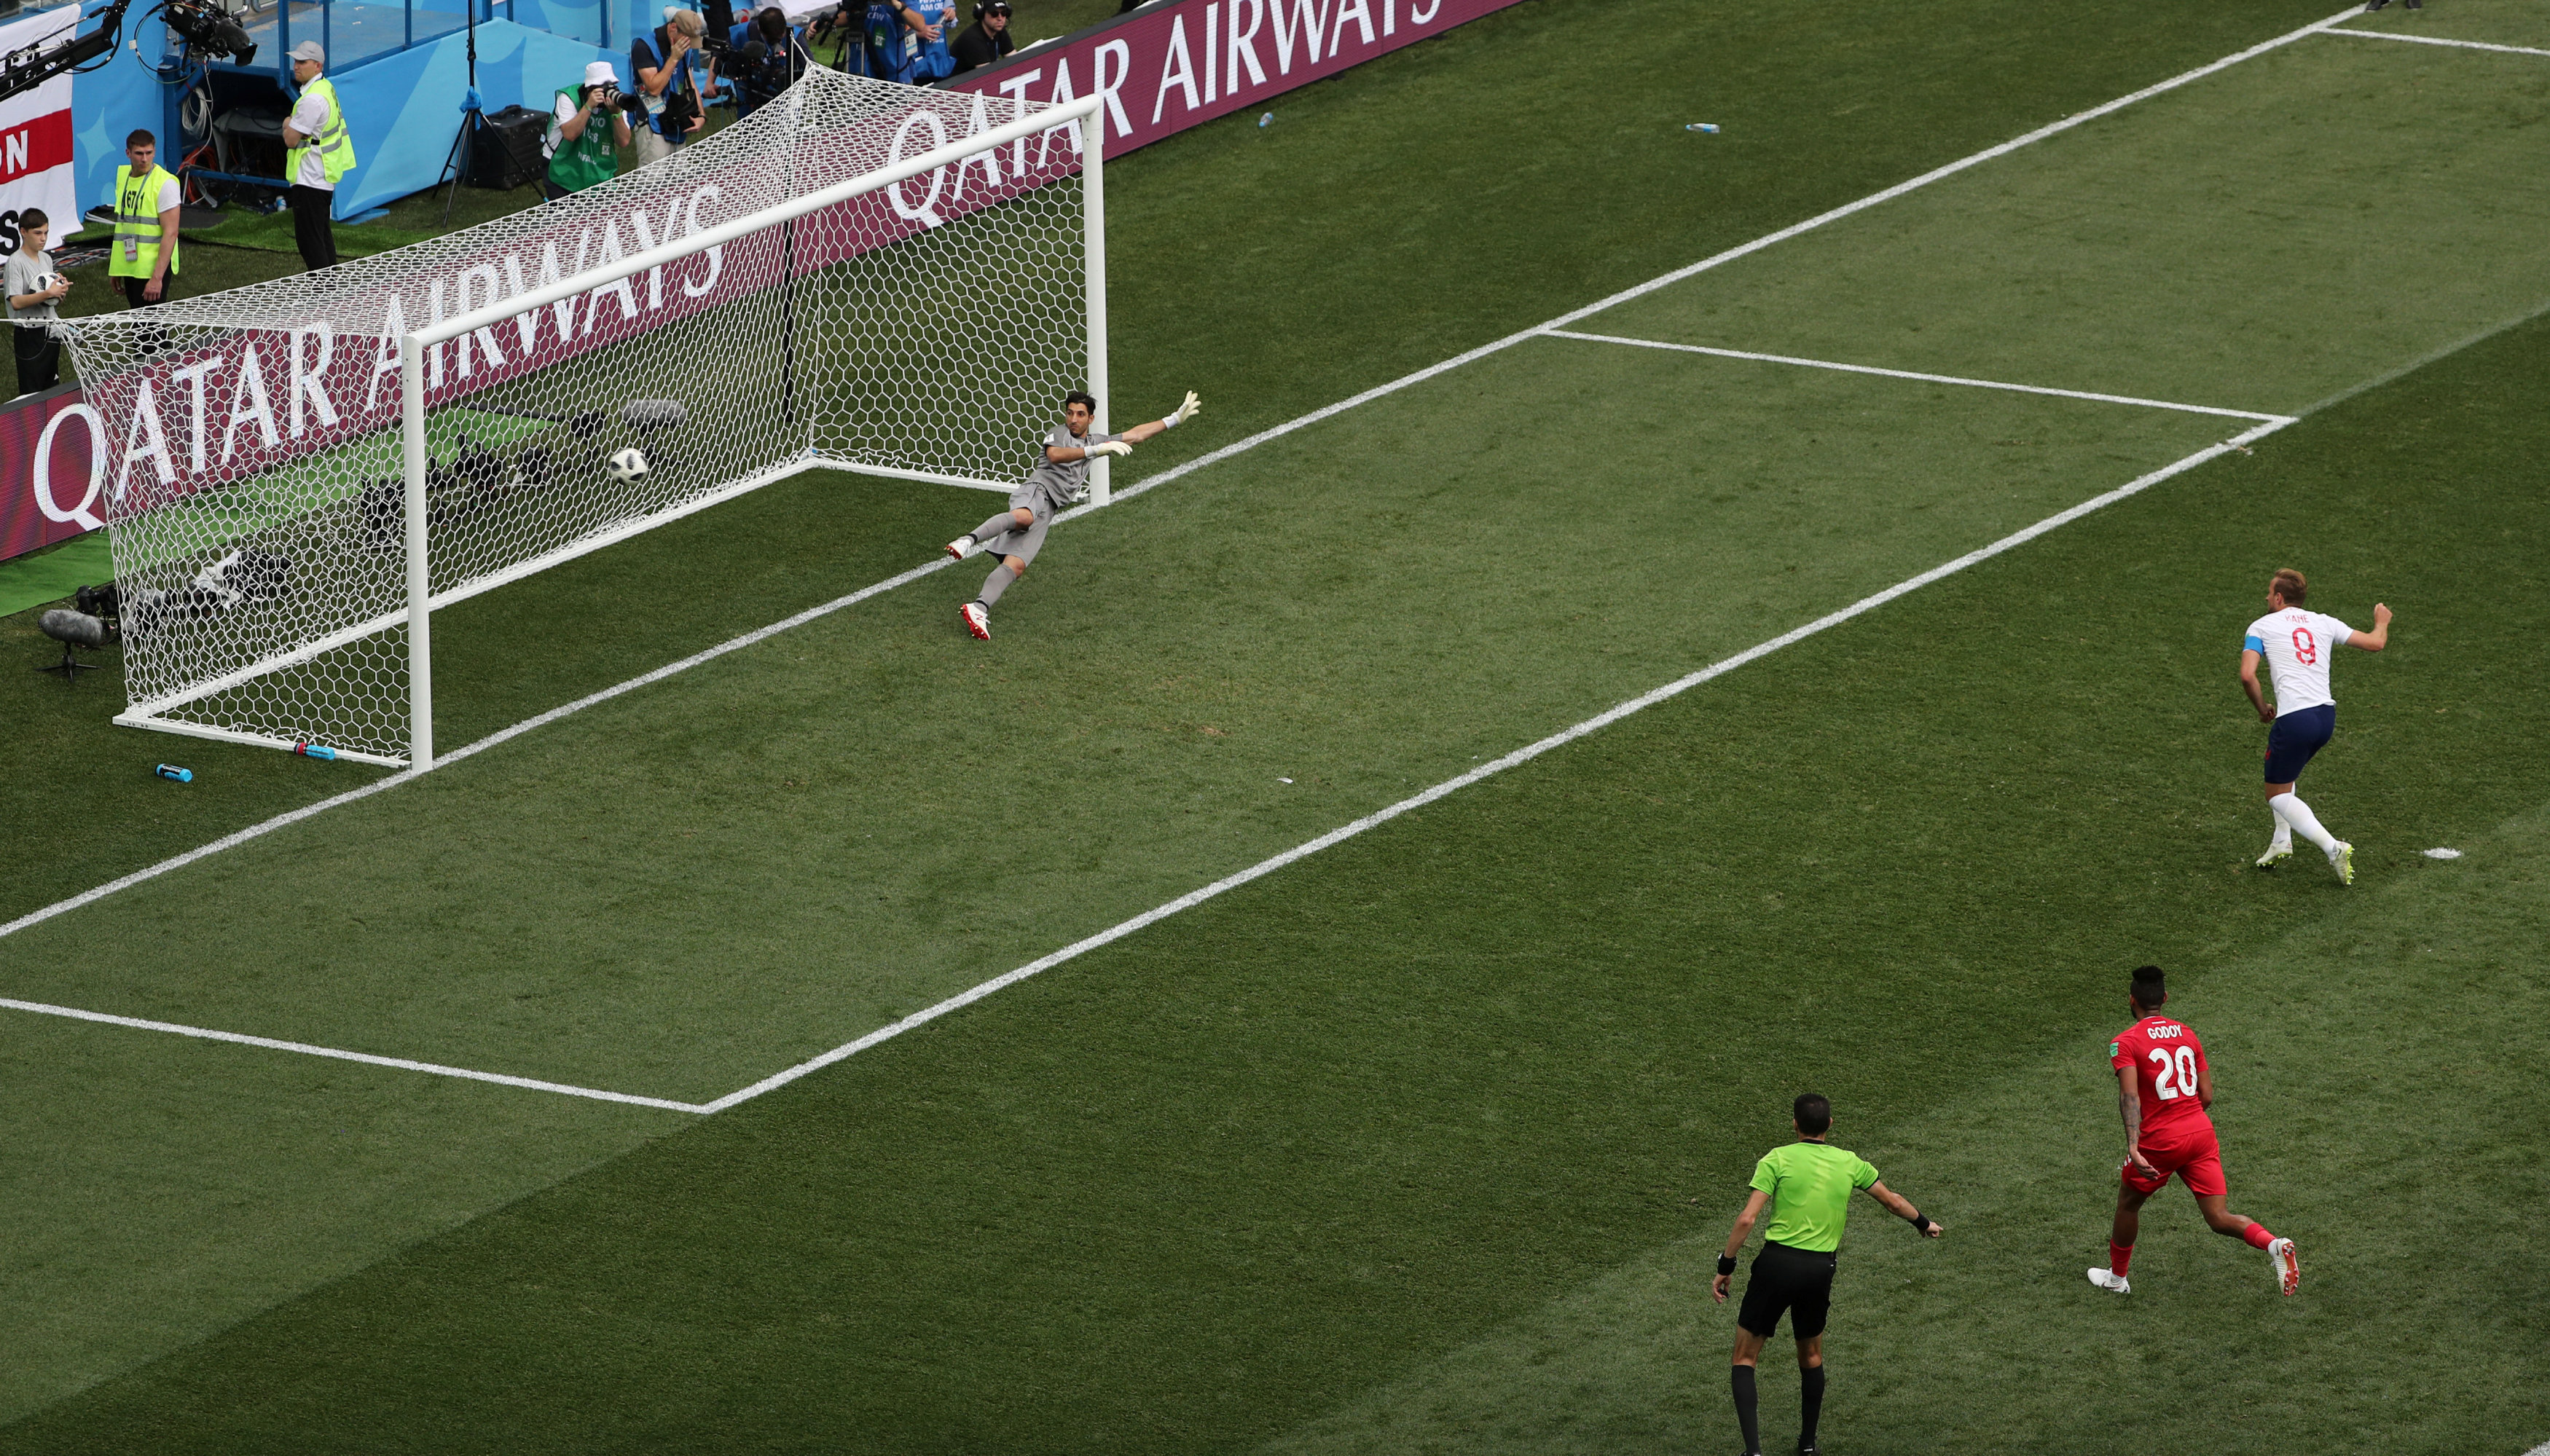 جهاد جريشة يحتسب ضربة جزاء لصالح منتخب إنجلترا